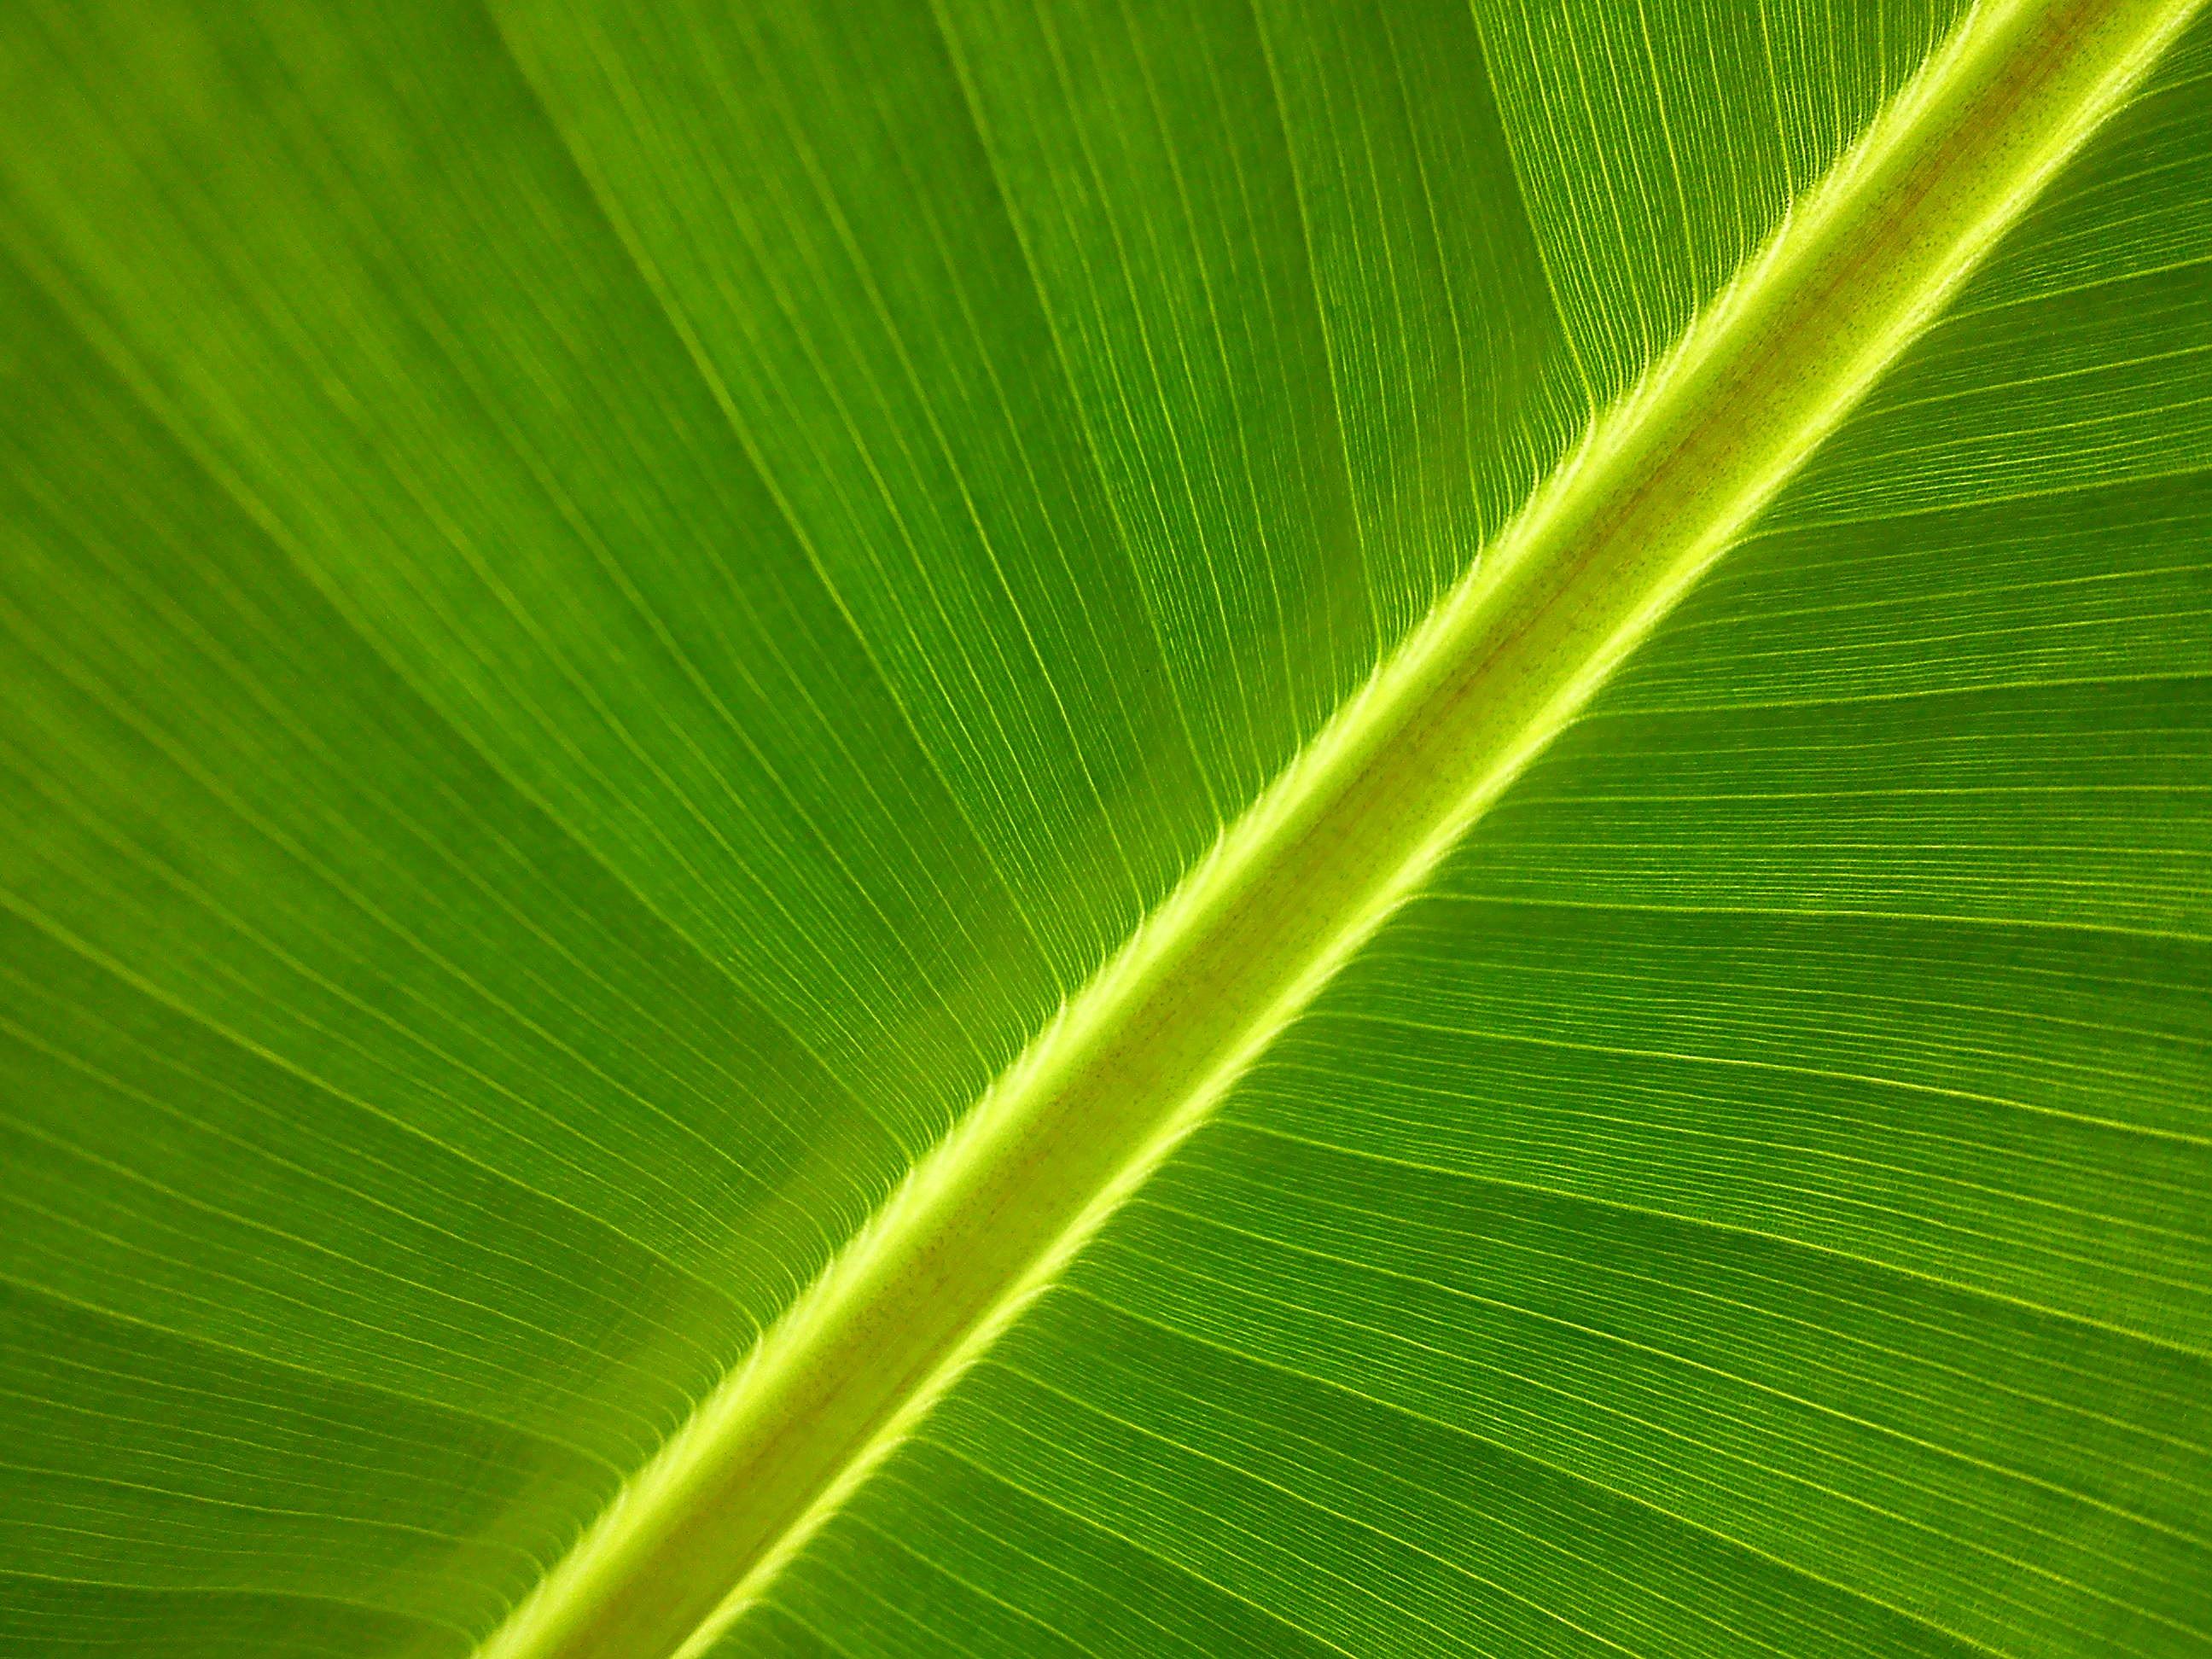 banana-tree-50020-2